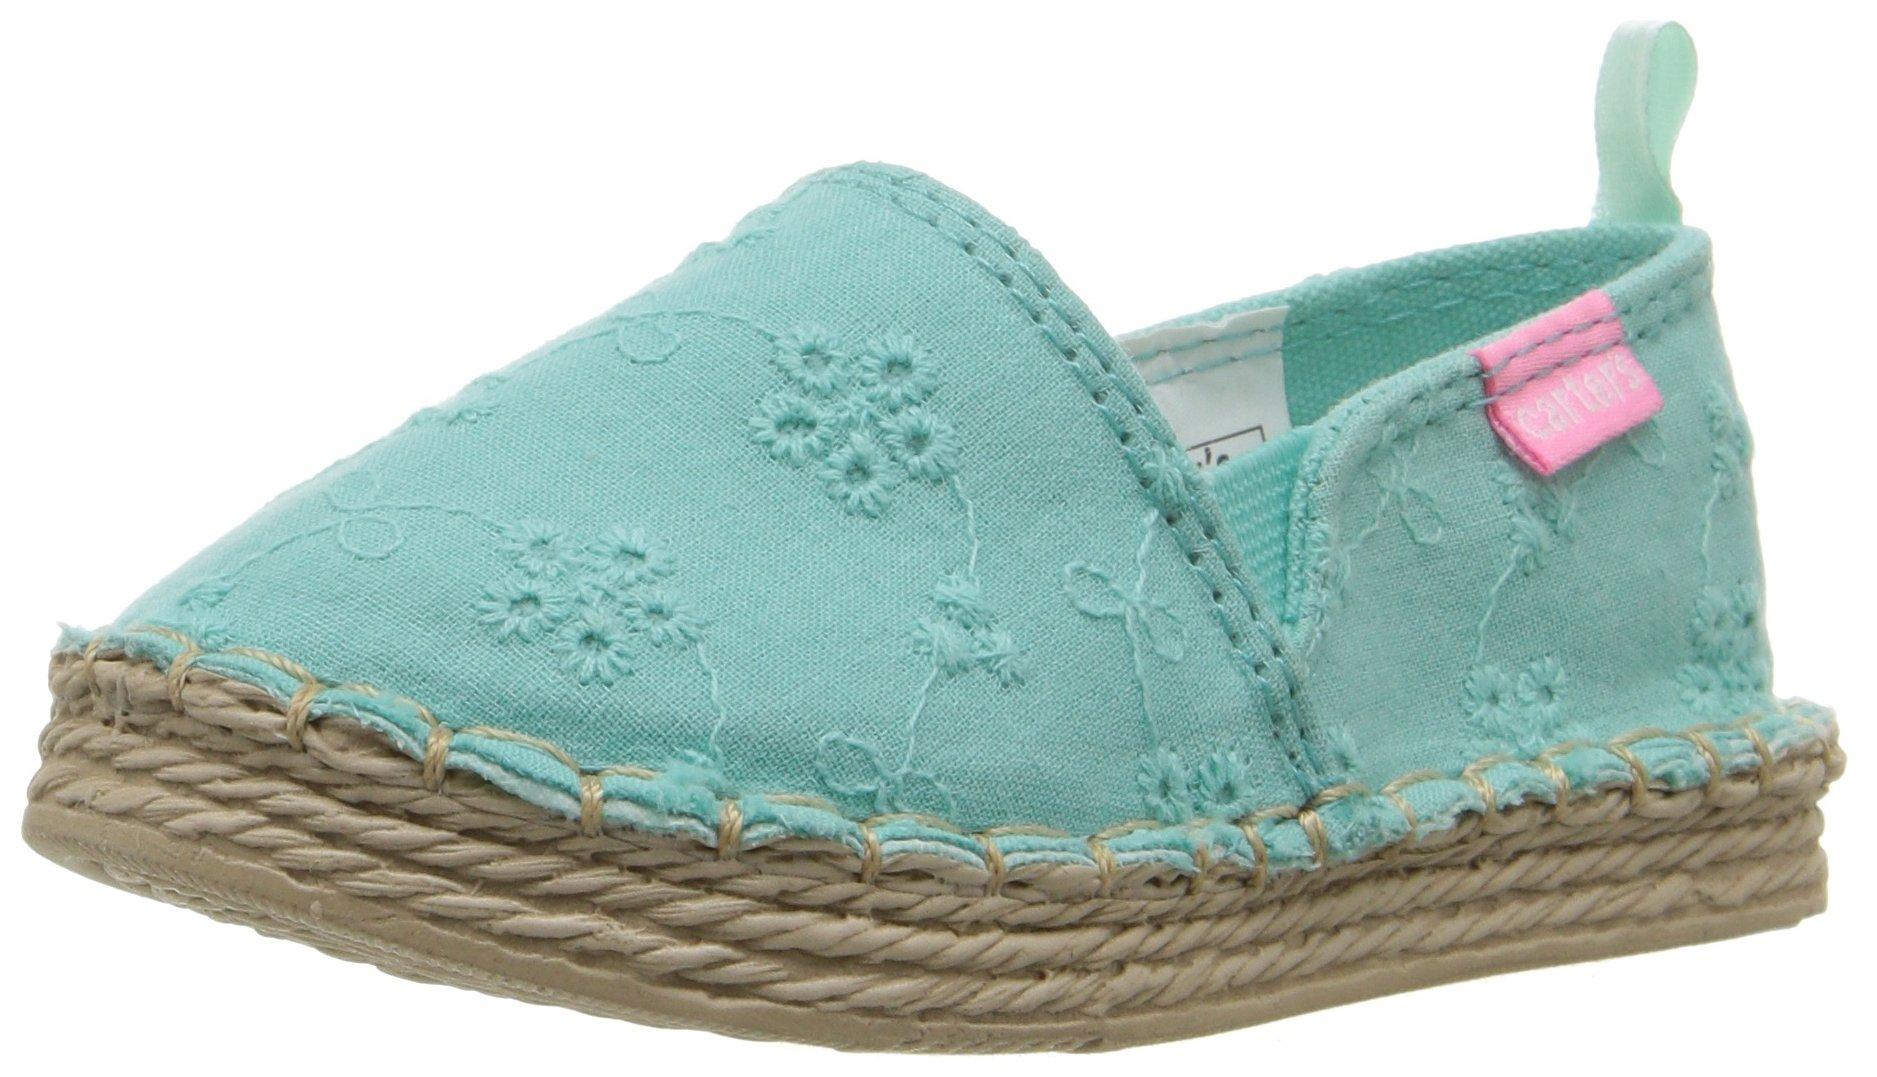 Carter's Astrid Girl's Espadrille Slip-On, Turquoise, 10 M US Toddler